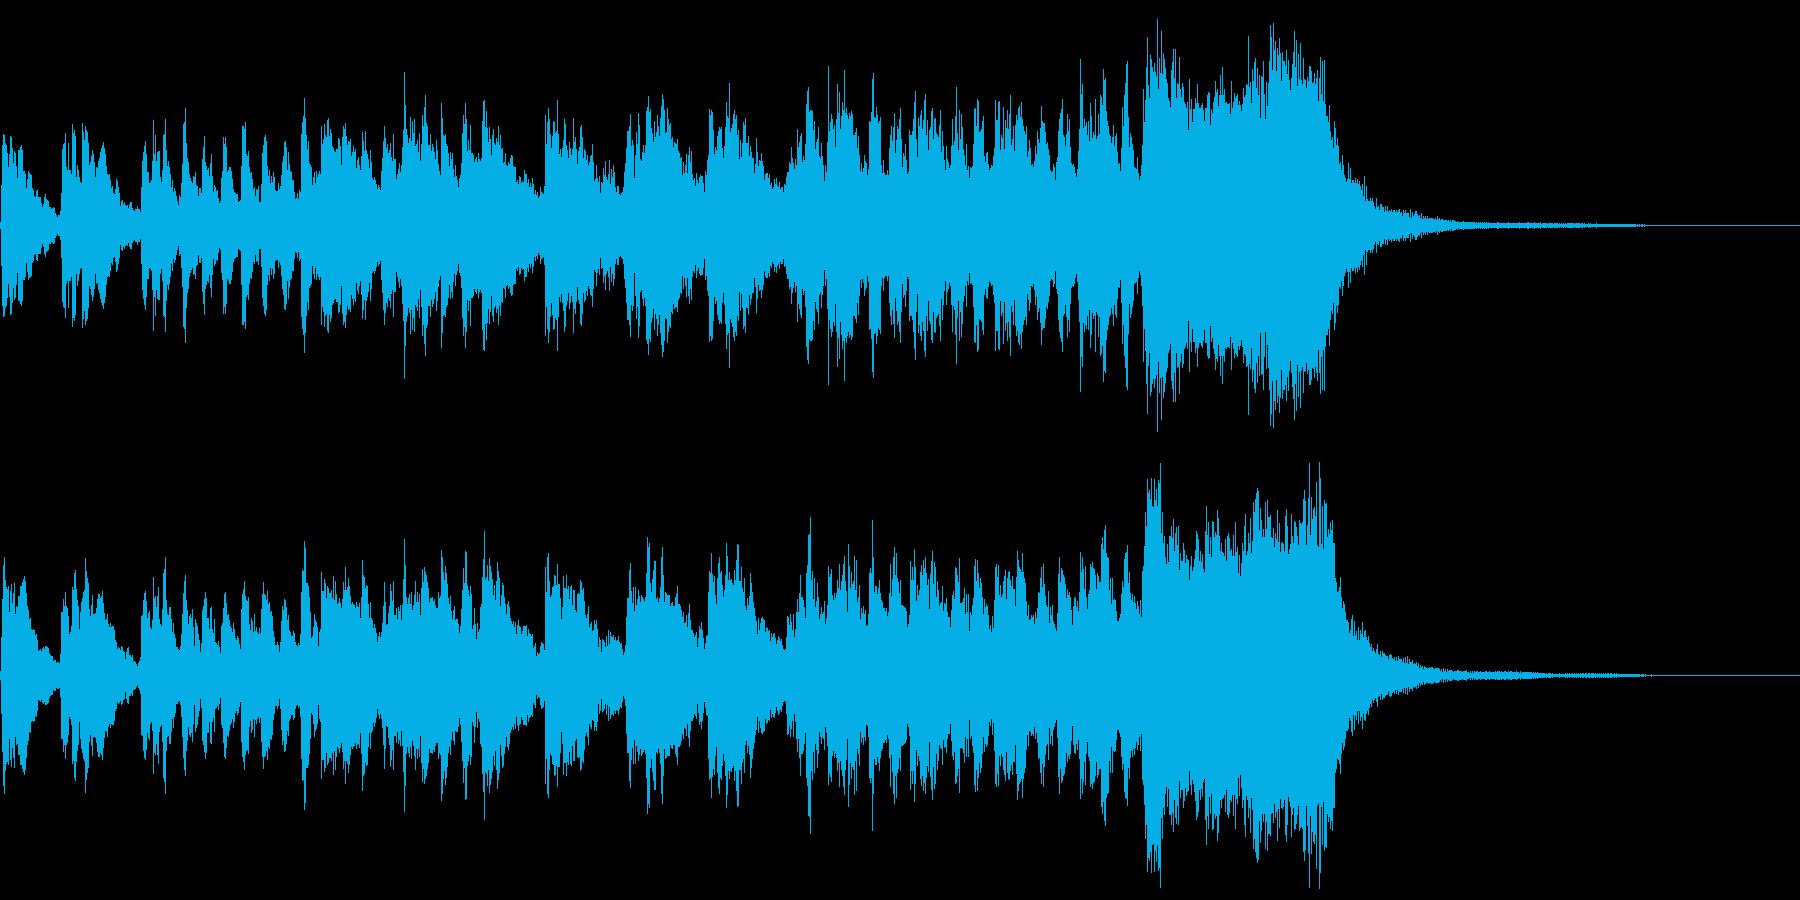 ウィリアム・テル序曲(抜粋)の再生済みの波形